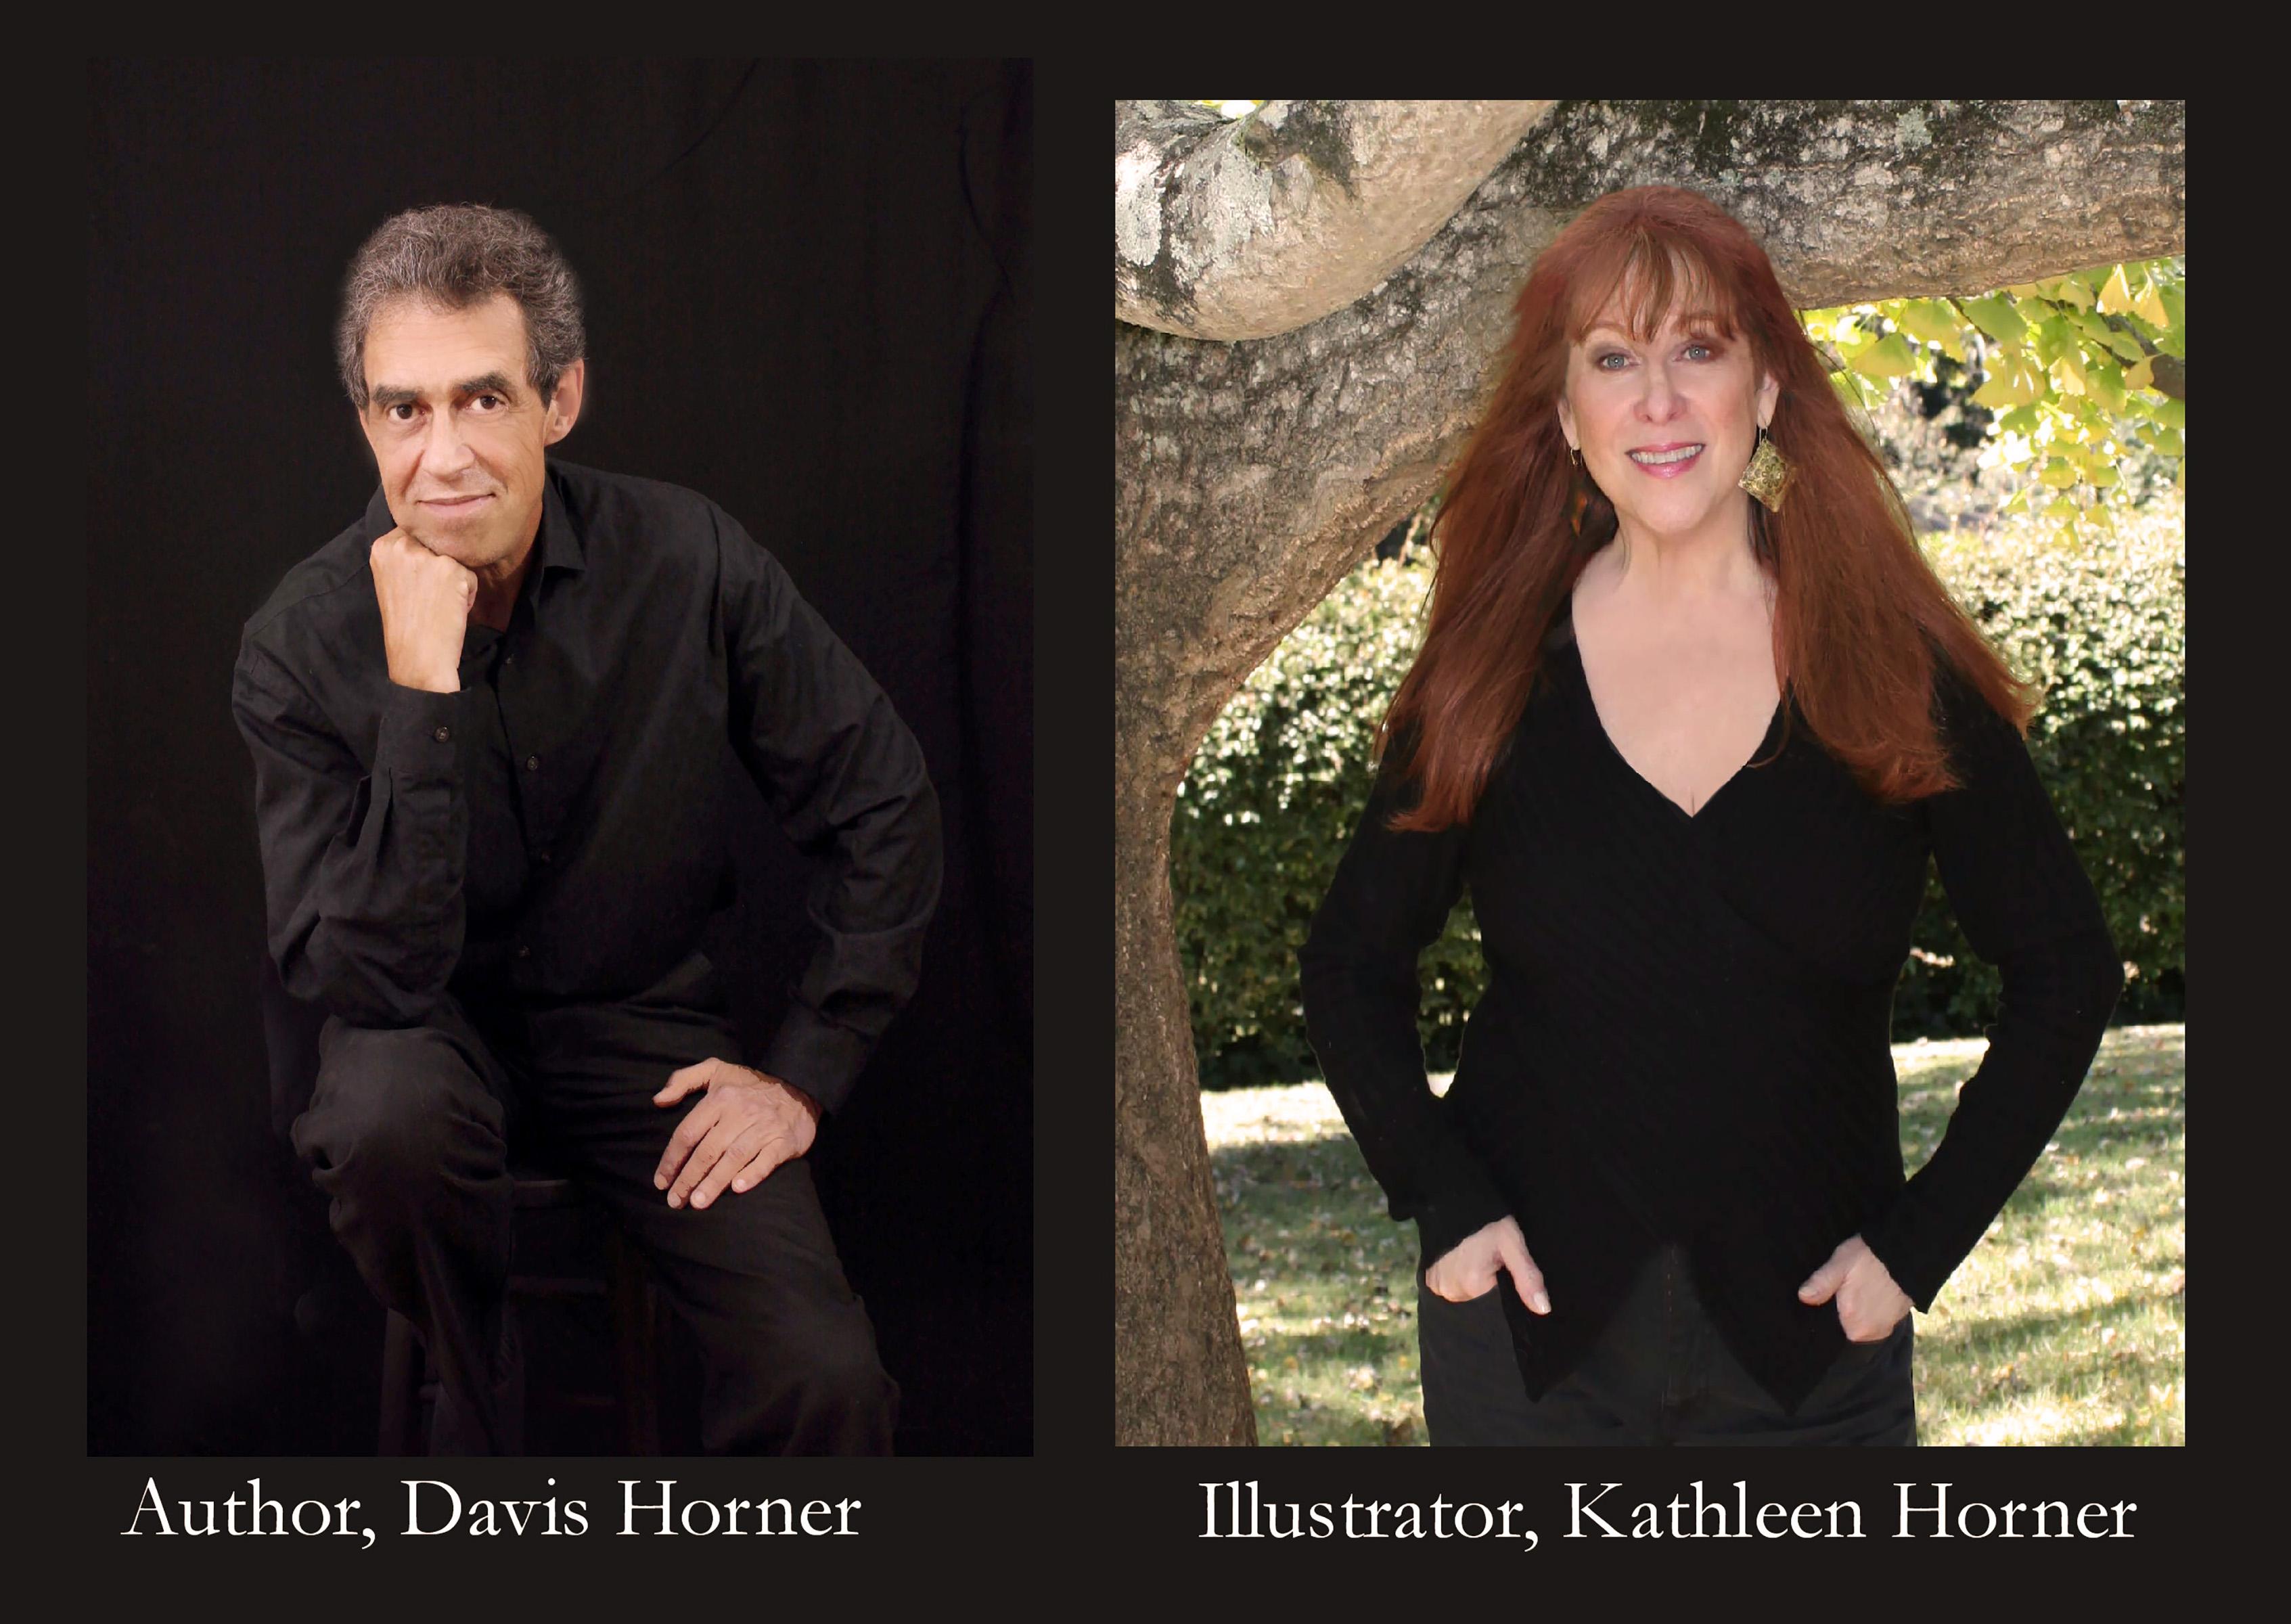 Davis and Kathleen Horner